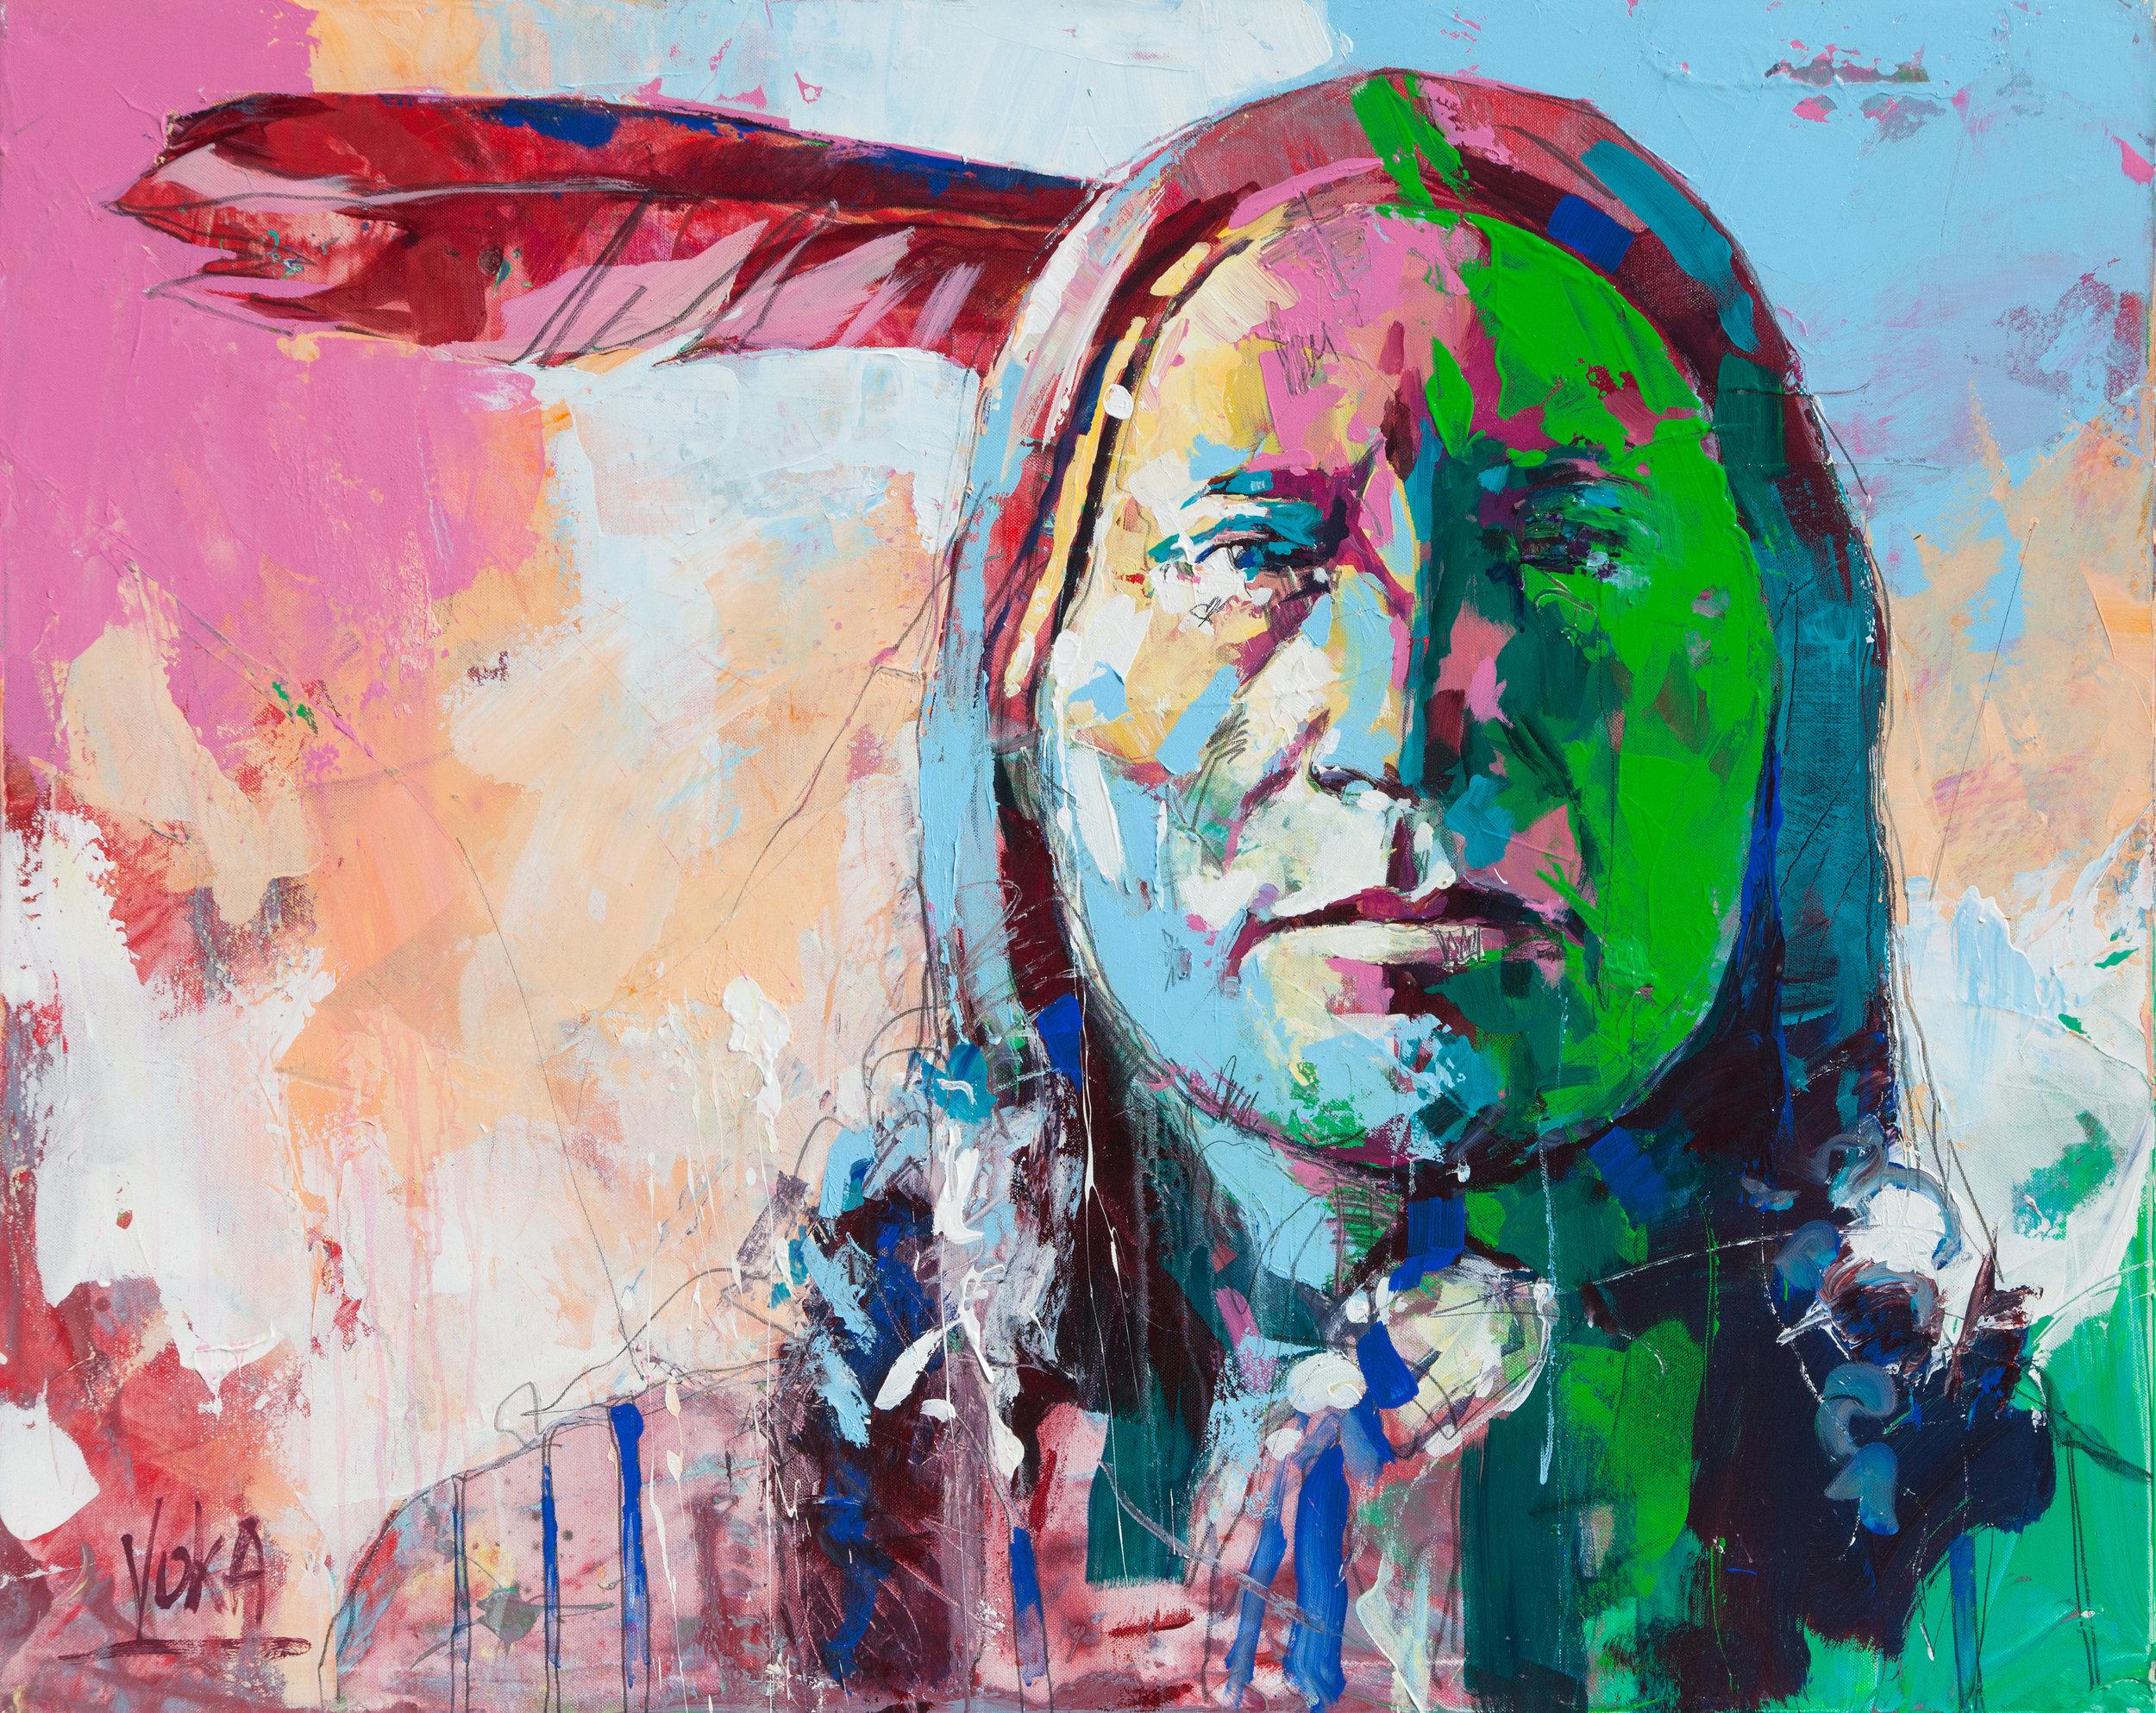 Nativ American, 80x100 cm/31,5x39,4 inch, Acrylic on Canvas